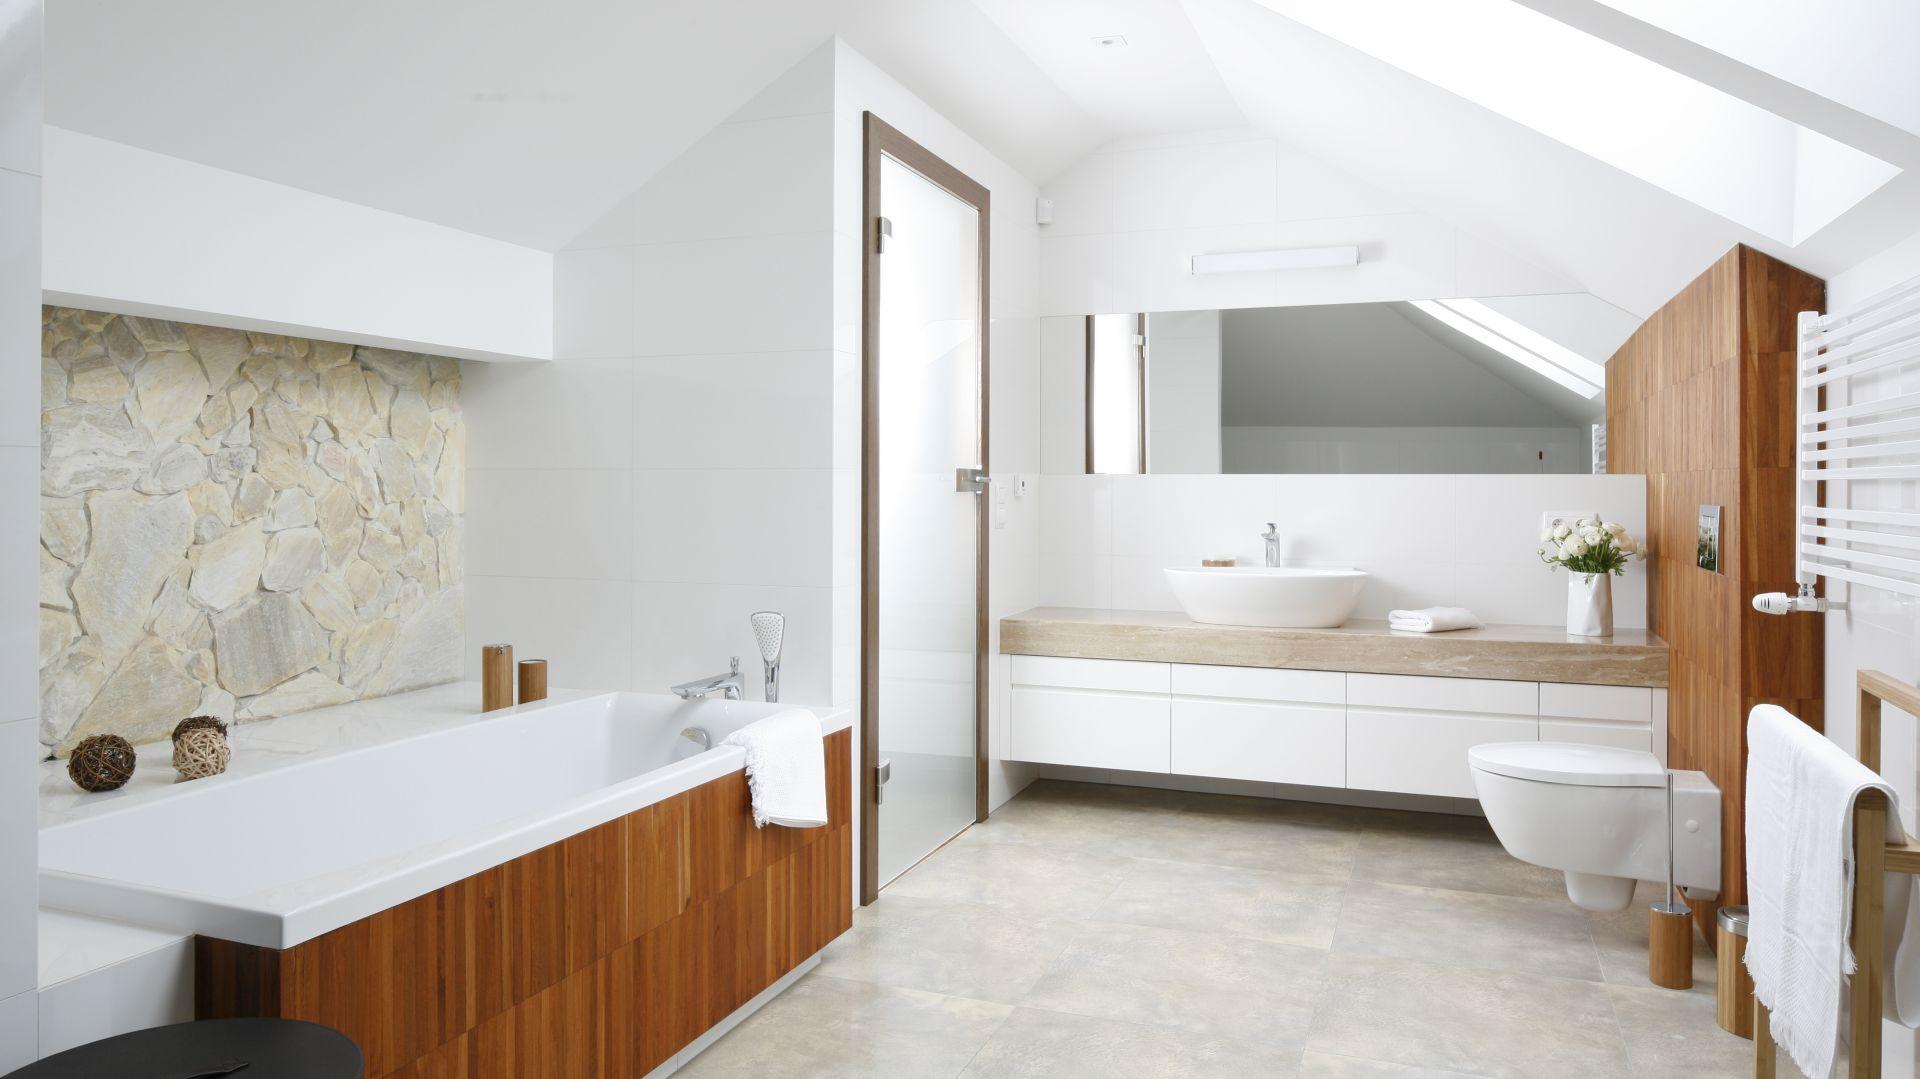 Jasna łazienka w nowoczesnym stylu. Drewno korzystnie ociepla wnętrze, czyni je bardziej naturalnym, przytulnym. Projekt: Piotr Stanisz. Fot. Bartosz Jarosz